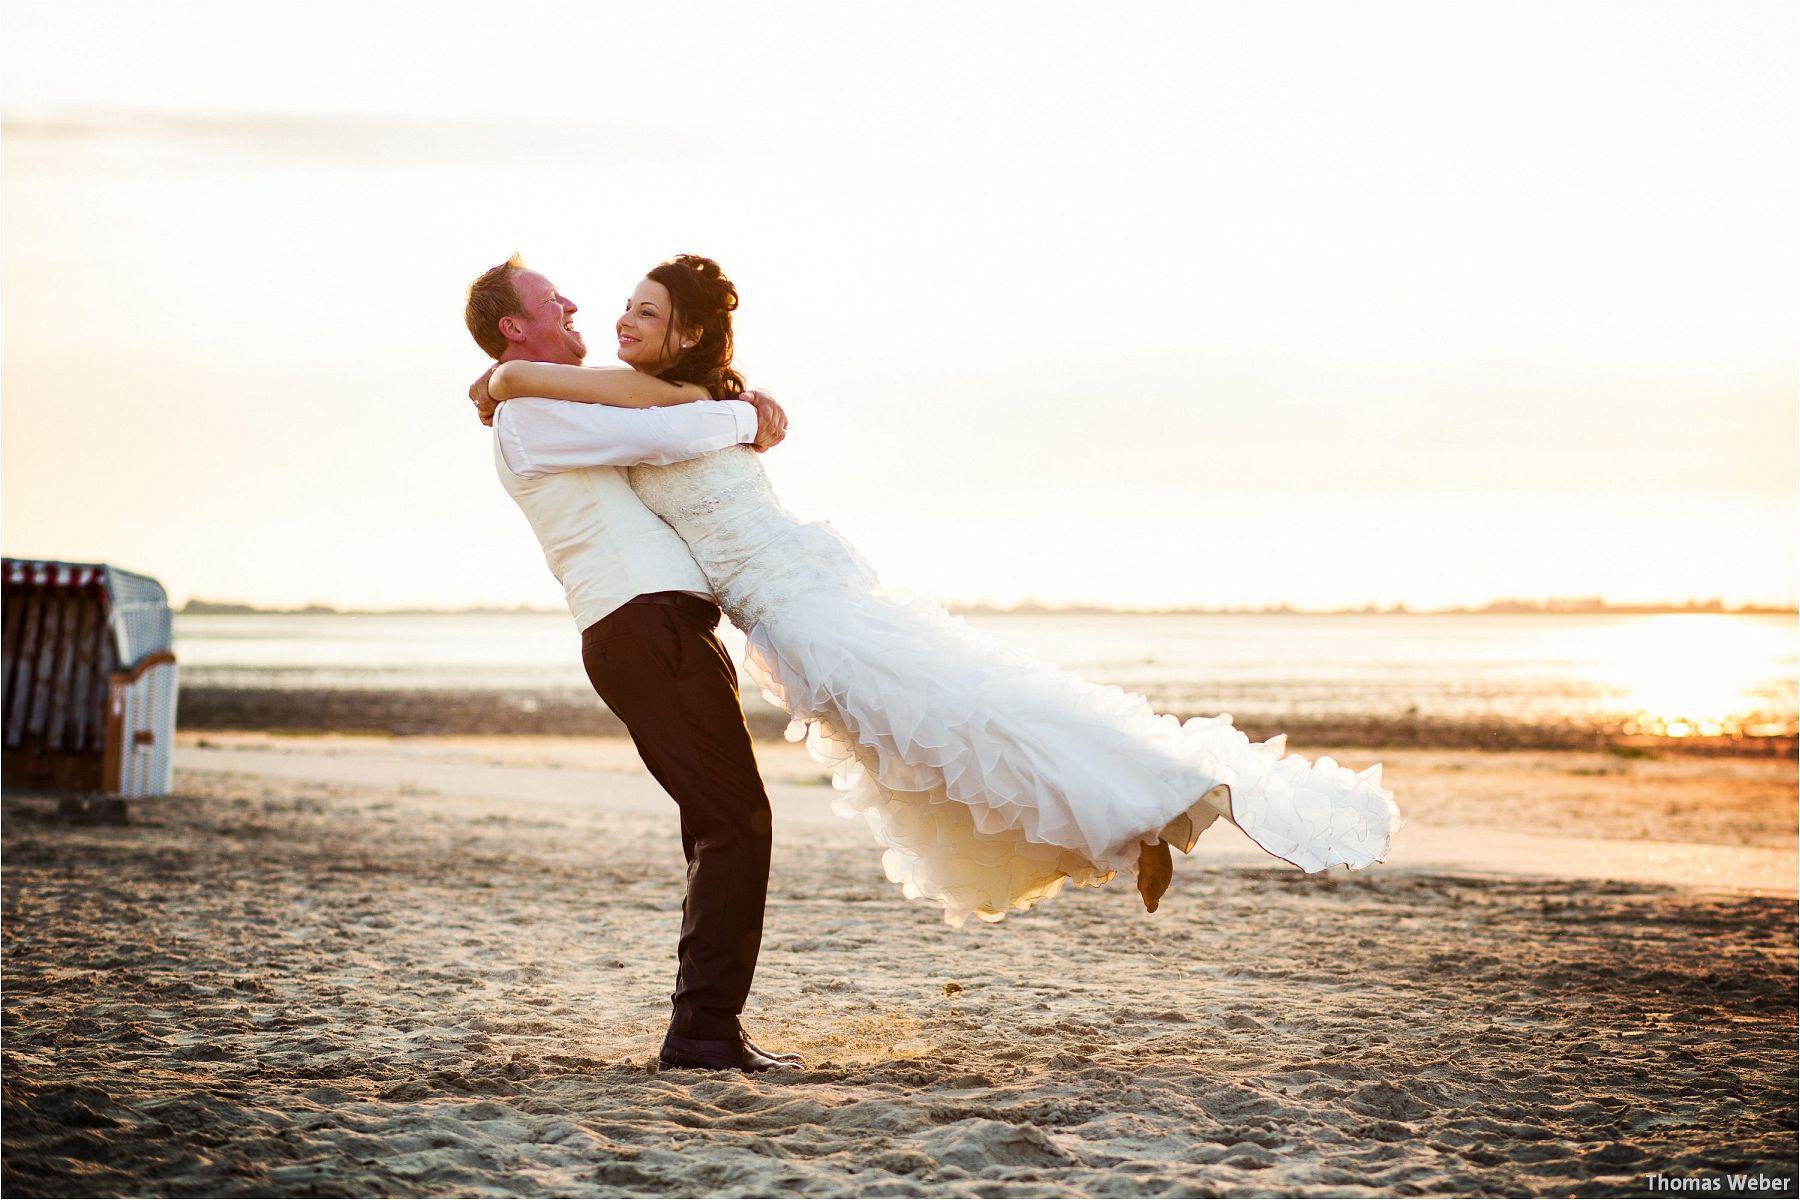 Hochzeitsfotograf Oldenburg: Hochzeitsportraits bei einem After Wedding Shooting am Nordsee-Strand von Dangast/Varel bei Sonnenuntergang (13)